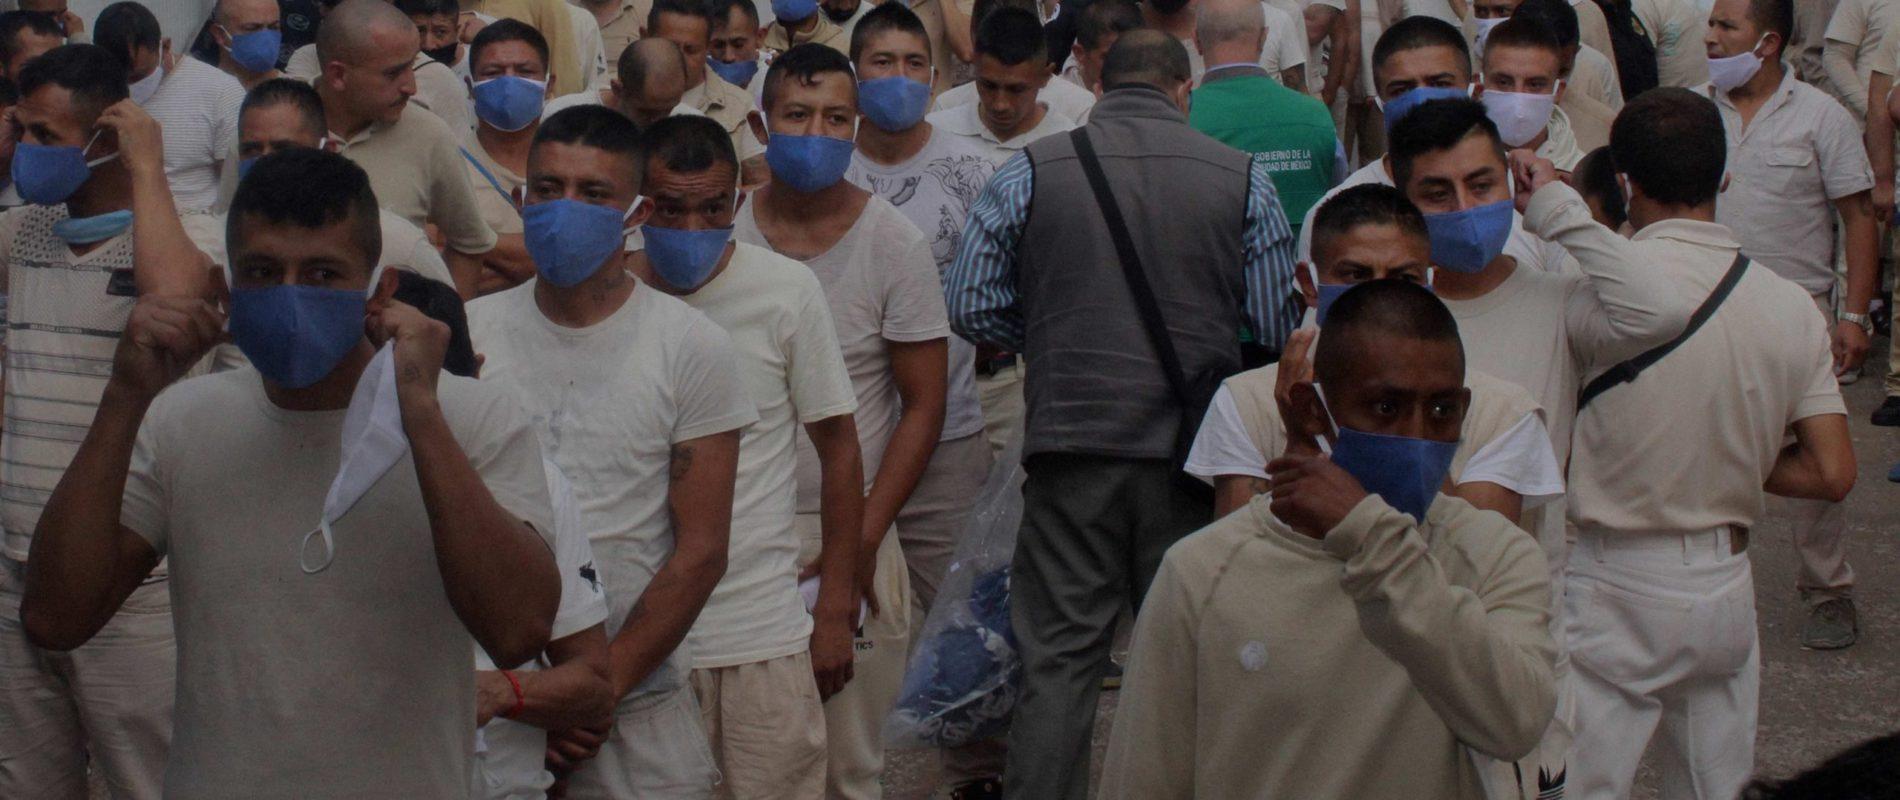 AMLO liberará a más de 600 presos; anuncia lineamientos para obtener la libertad por amnistía